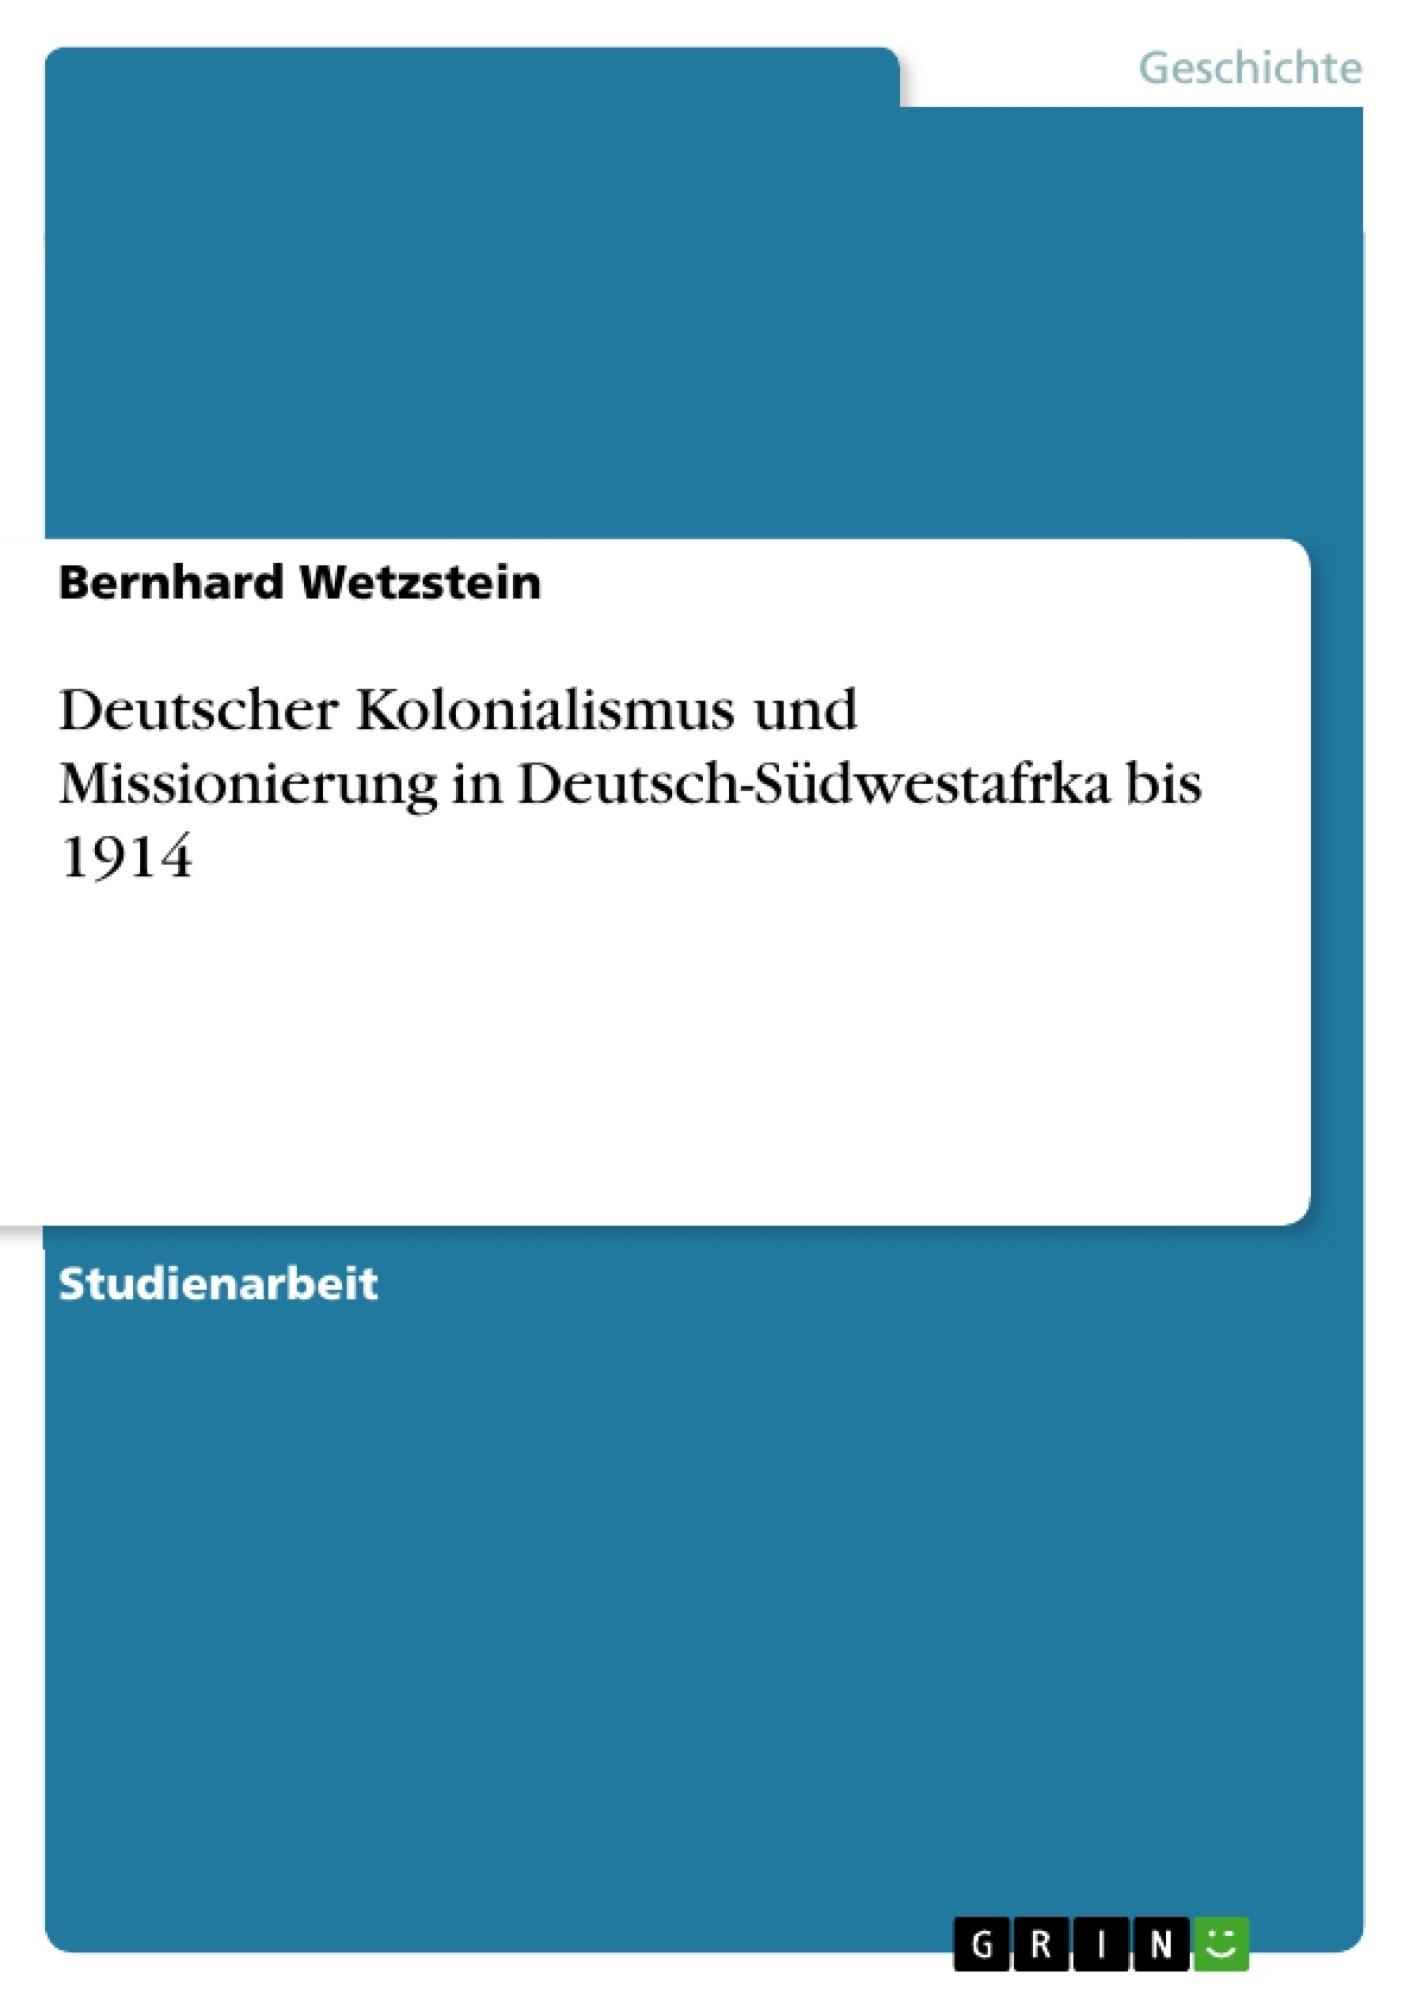 Titel: Deutscher Kolonialismus und Missionierung in Deutsch-Südwestafrka bis 1914